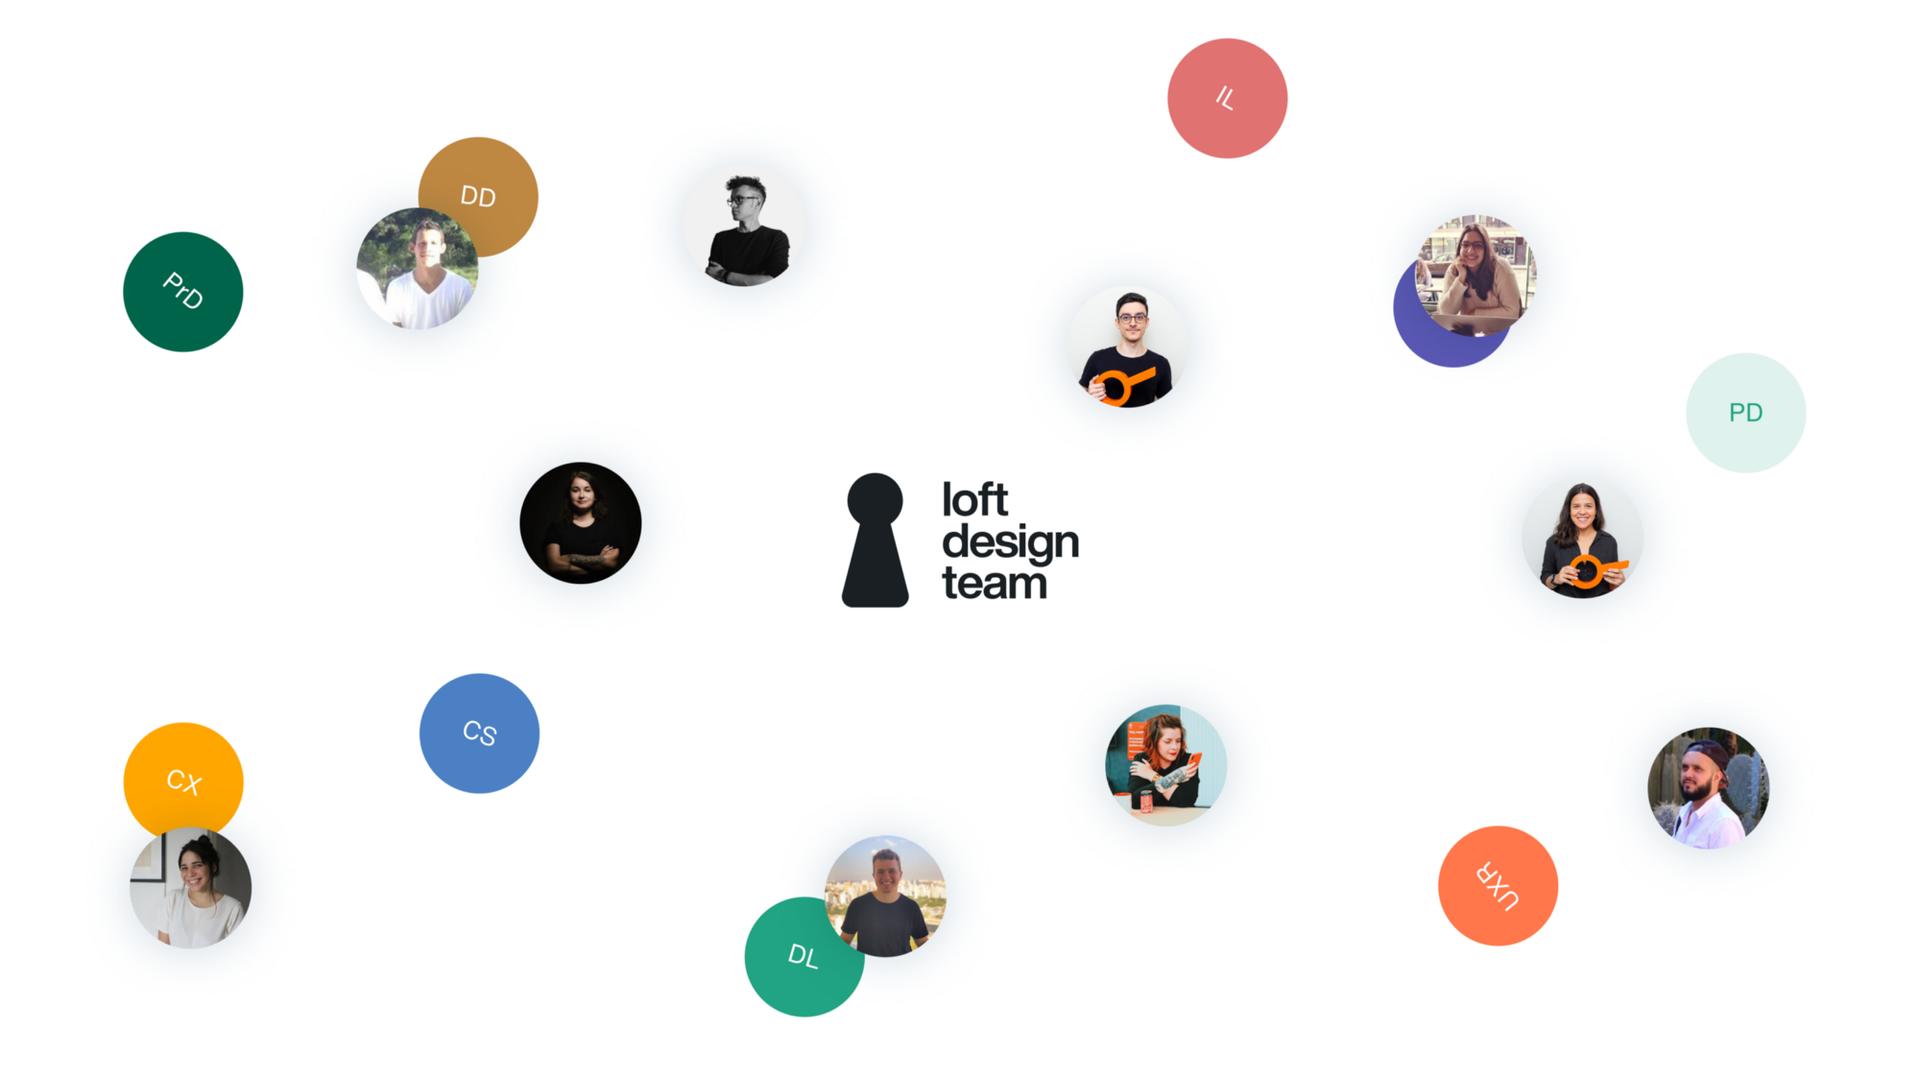 Artigo - Construindo um time de Design cada dia melhor